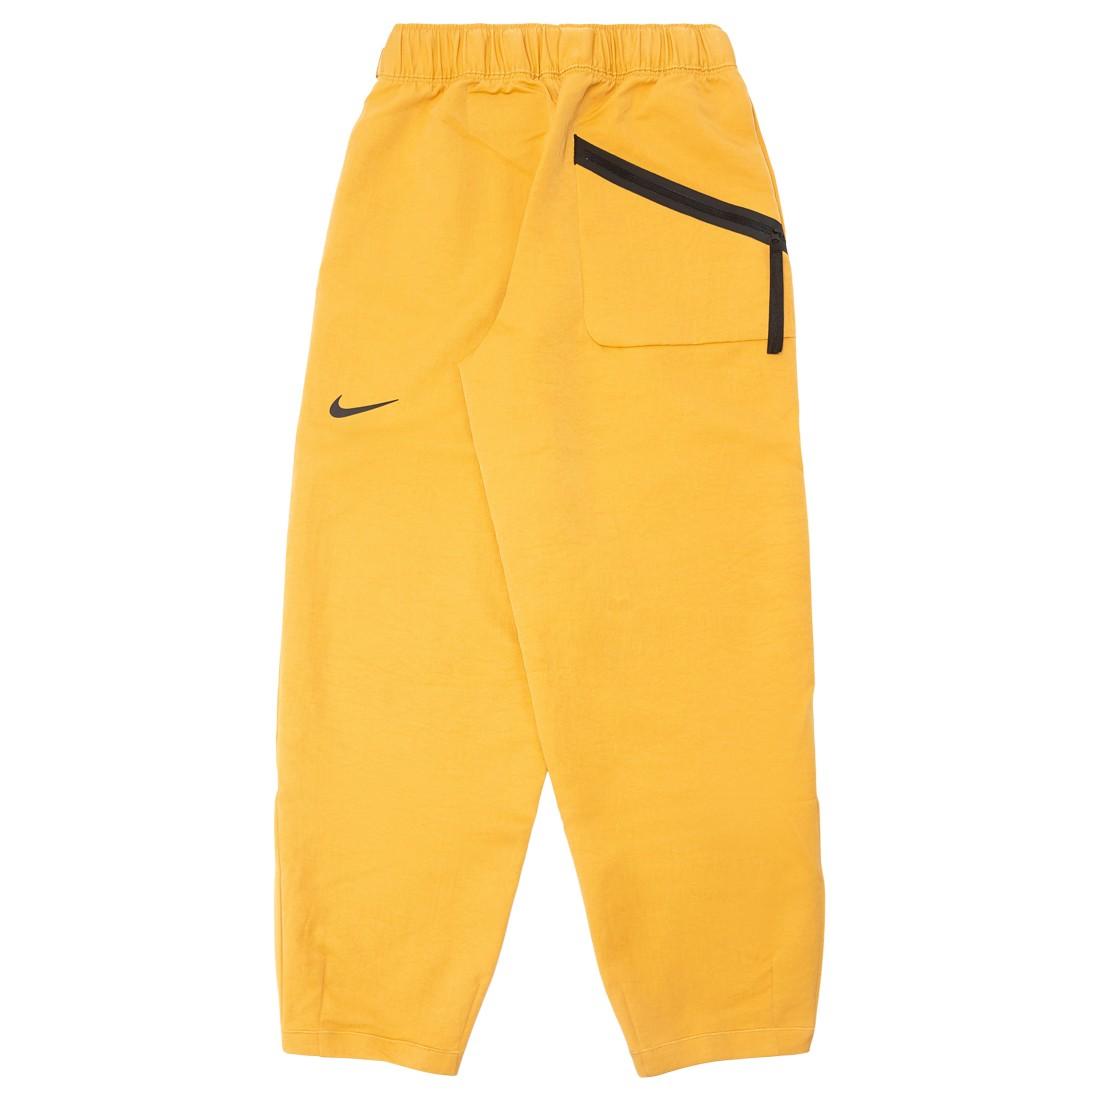 Nike Women Sportswear Tech Pack Pants (bucktan / black)